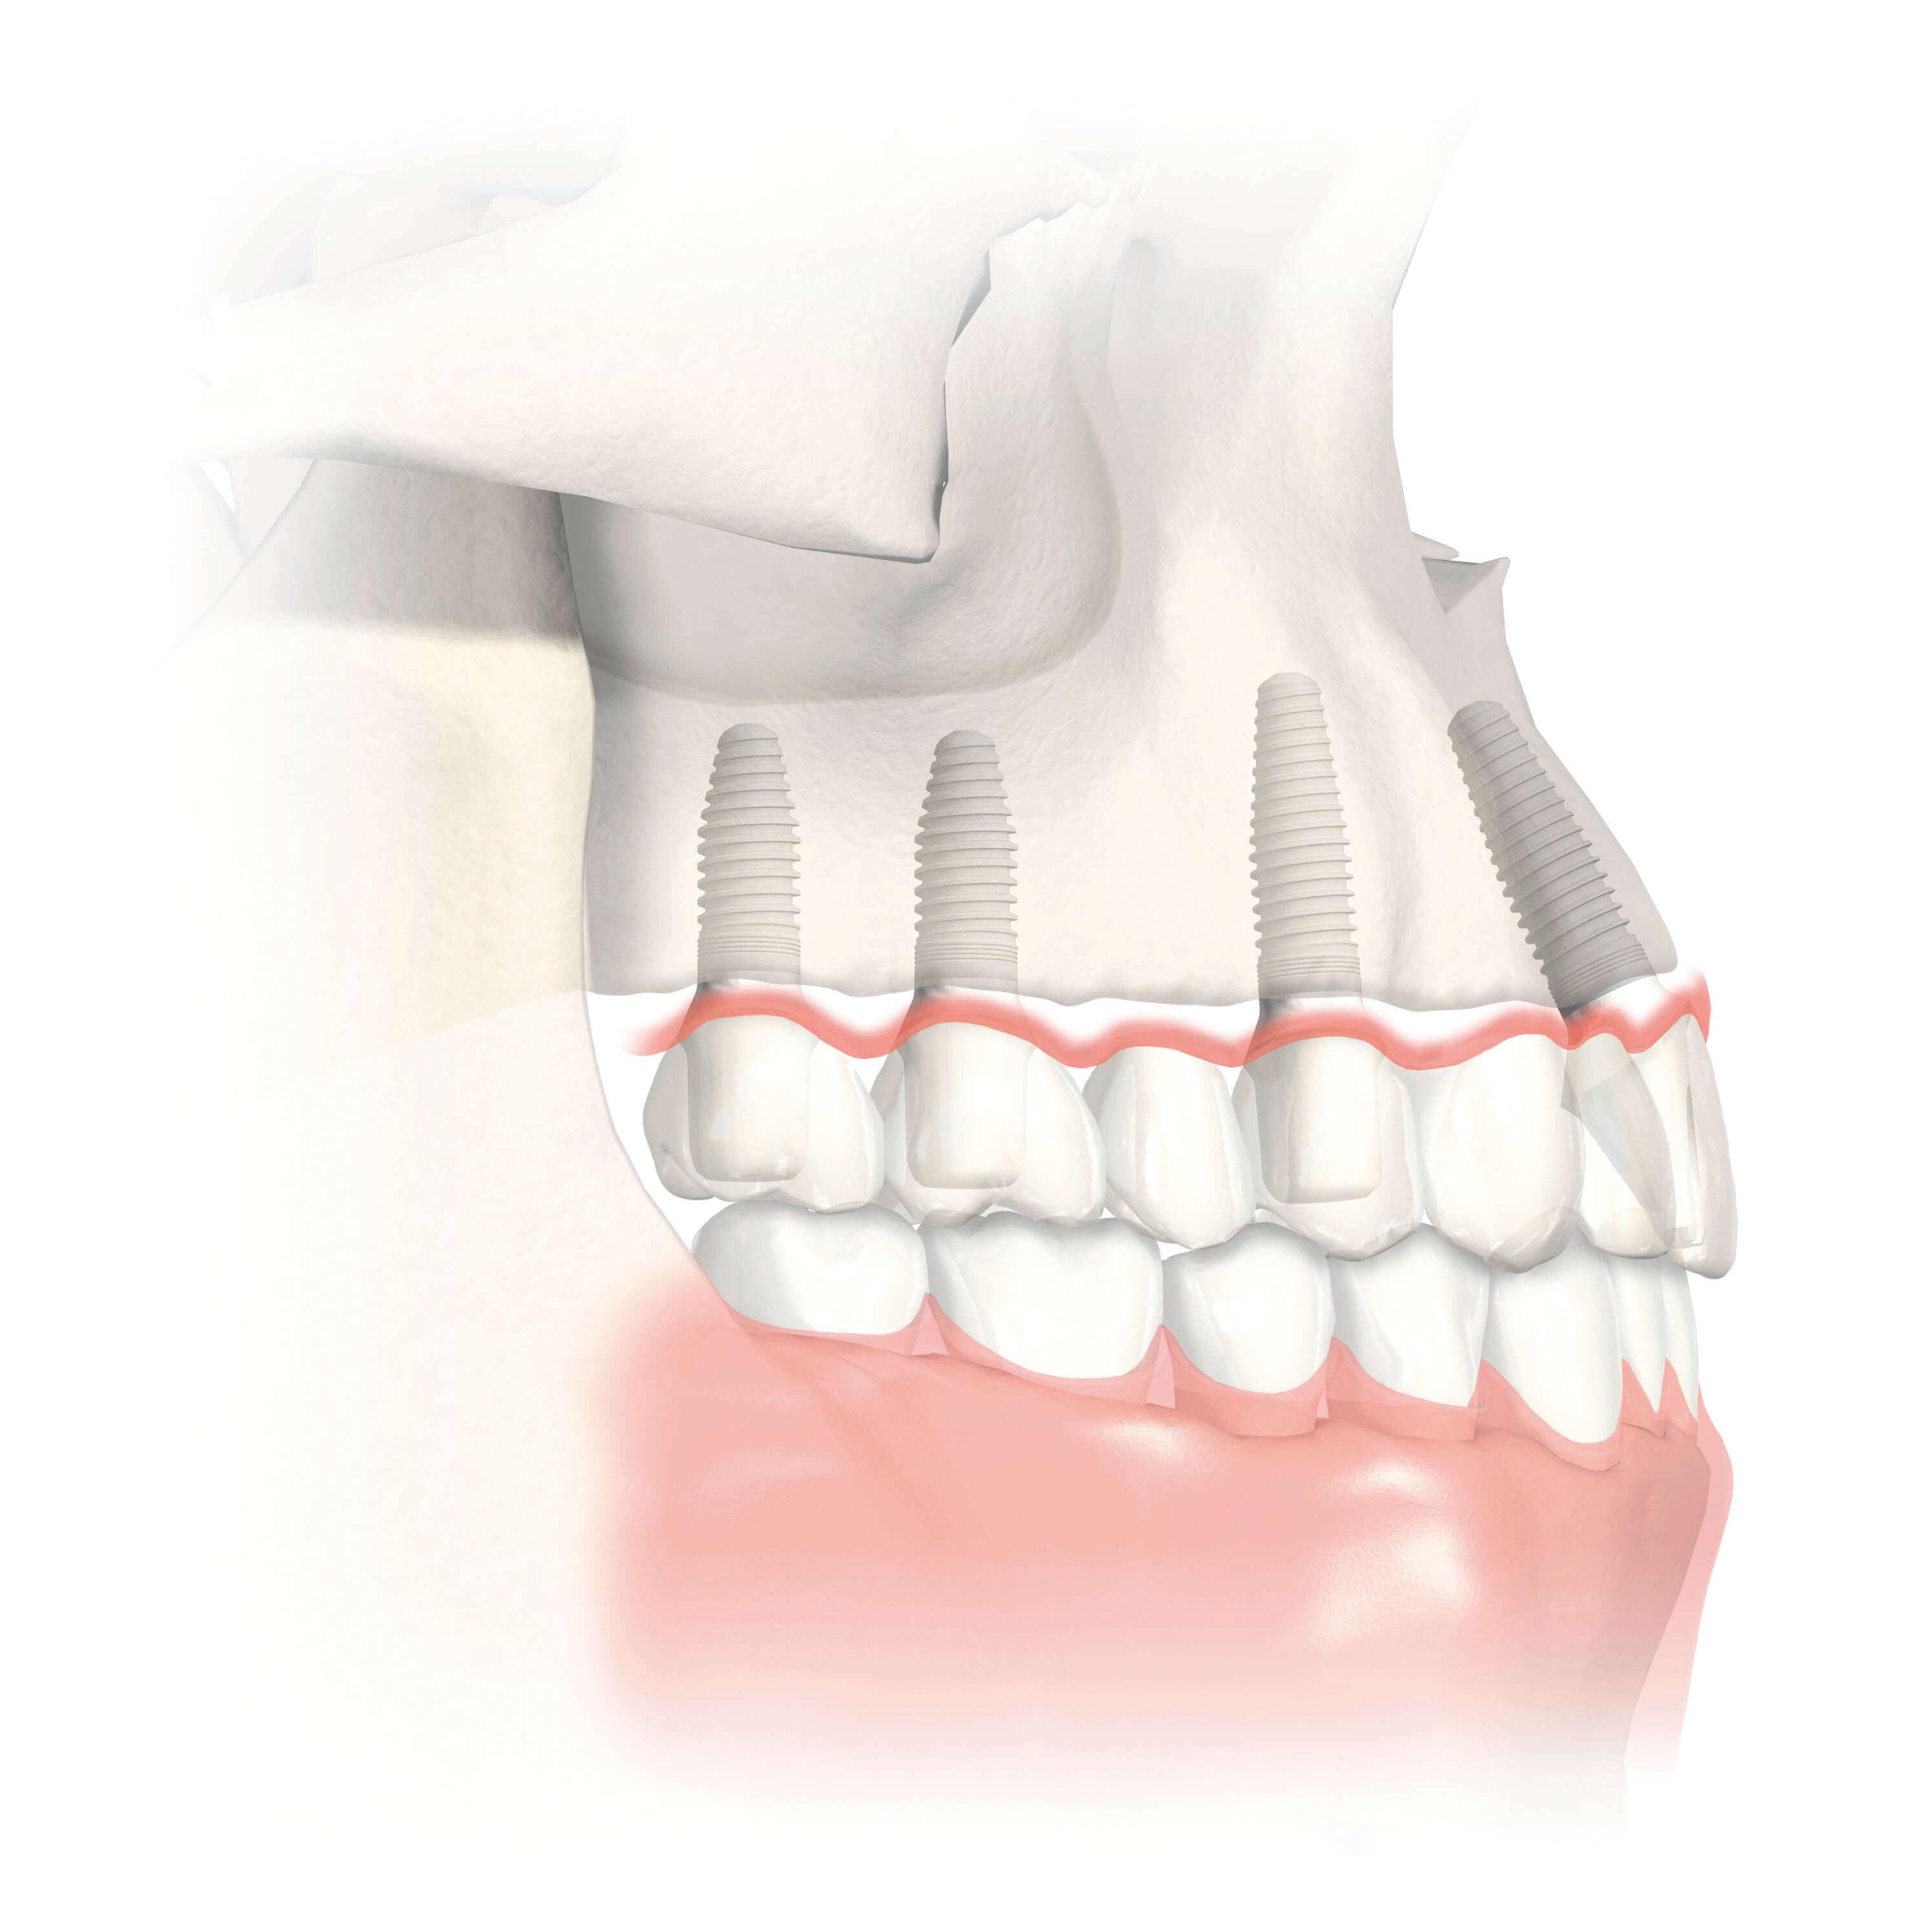 Knochenaufbau im Oberkiefer mit Sinuslift für festen Halt von Zahnimplantaten